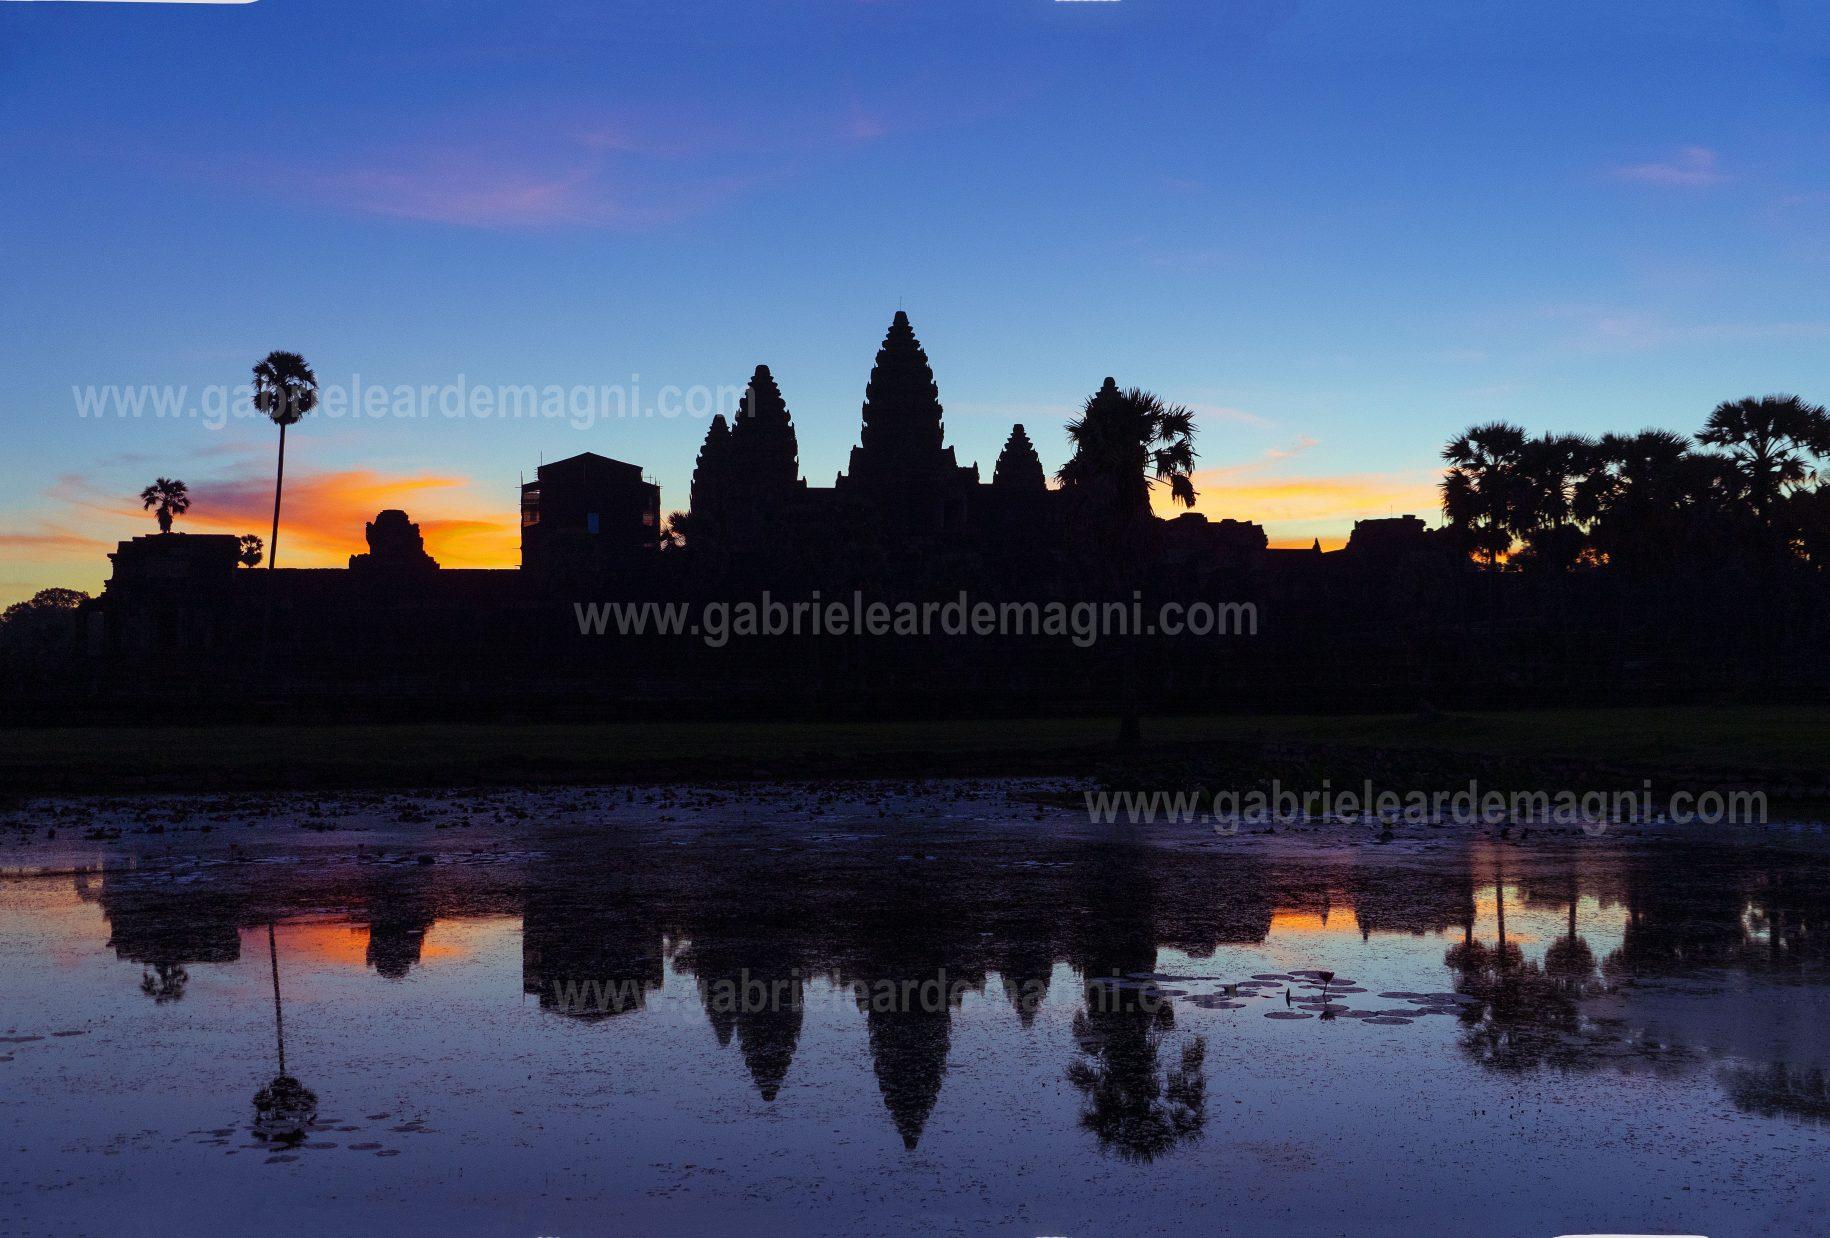 Angkor Watt dawn photo gabriele ardemagni